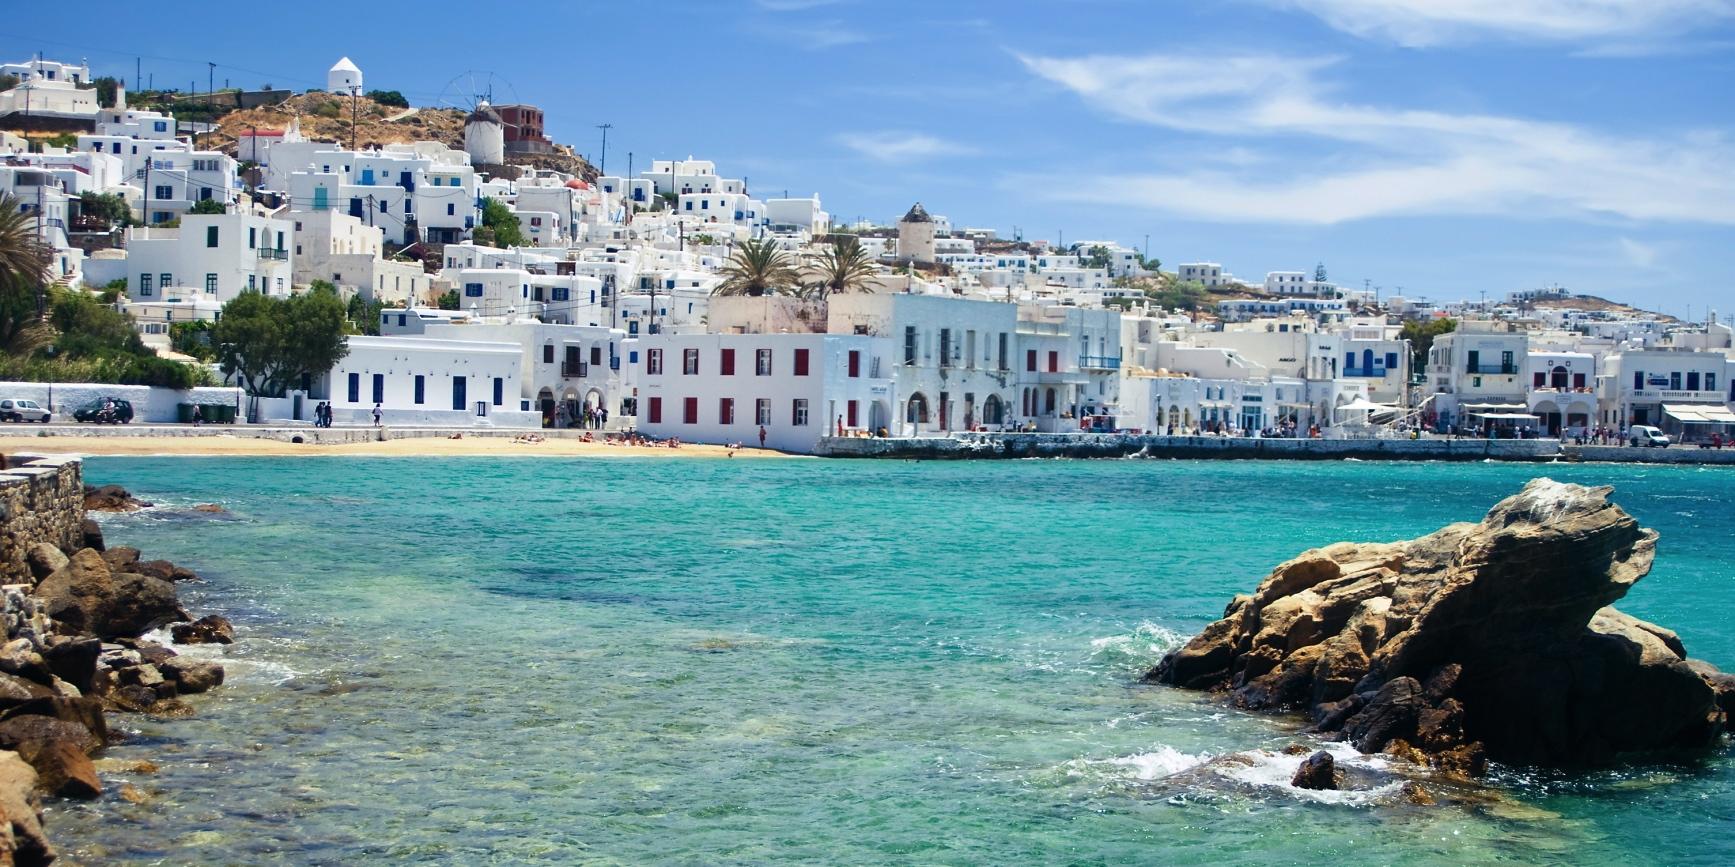 Салоники греция пляжный отдых